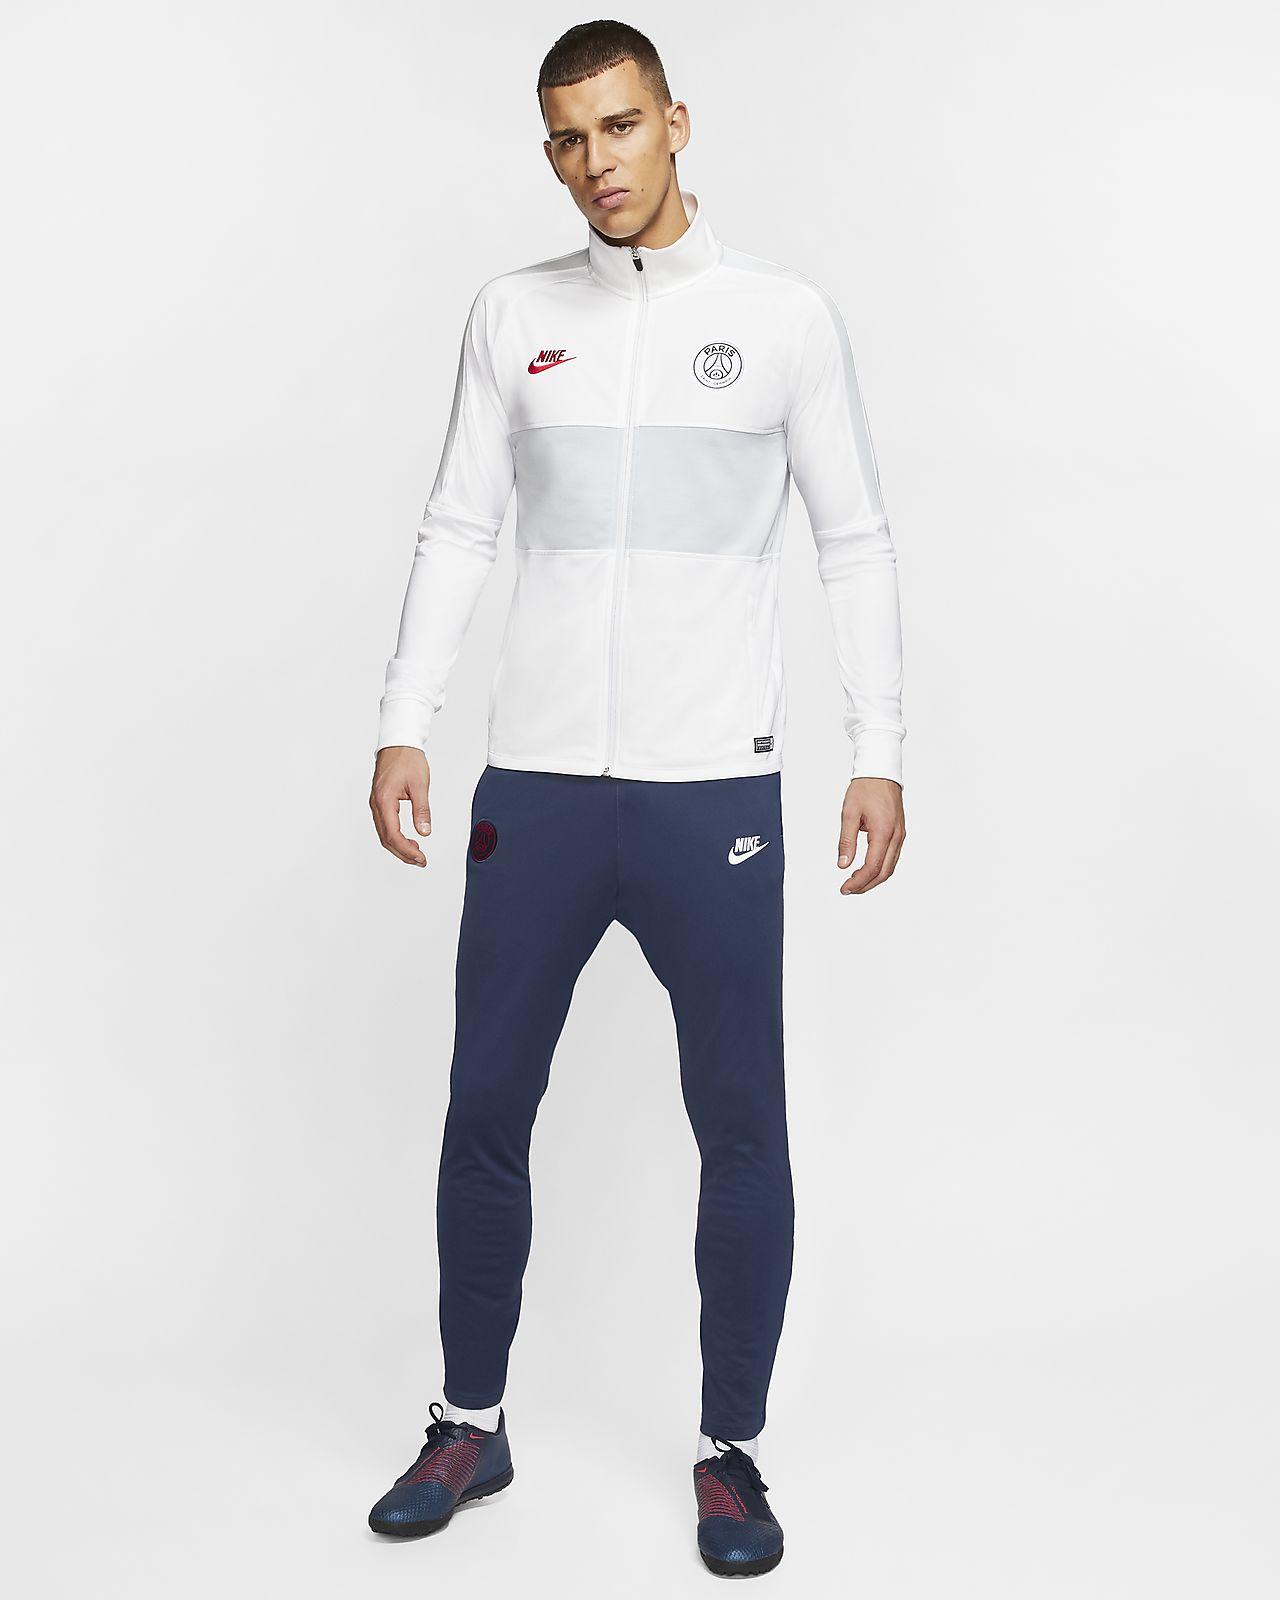 Ανδρική ποδοσφαιρική φόρμα Nike Dri-FIT Paris Saint-Germain Strike